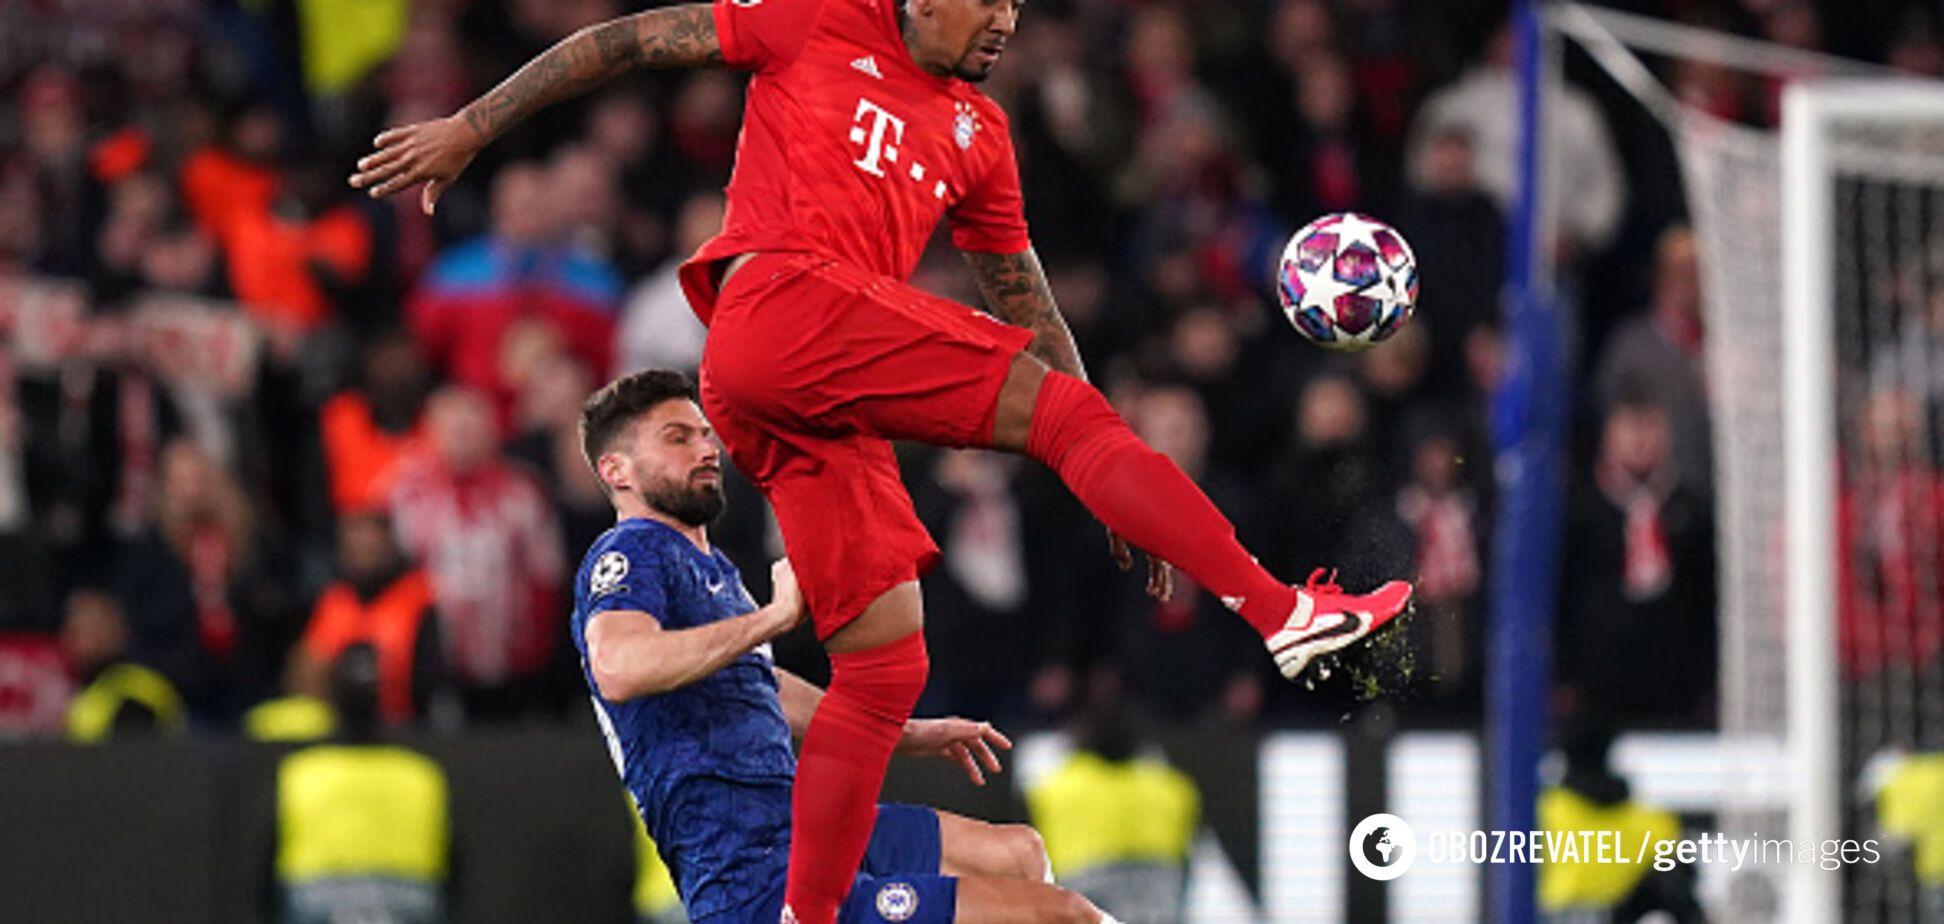 'Челси' - 'Бавария': обзор матча Лиги чемпионов